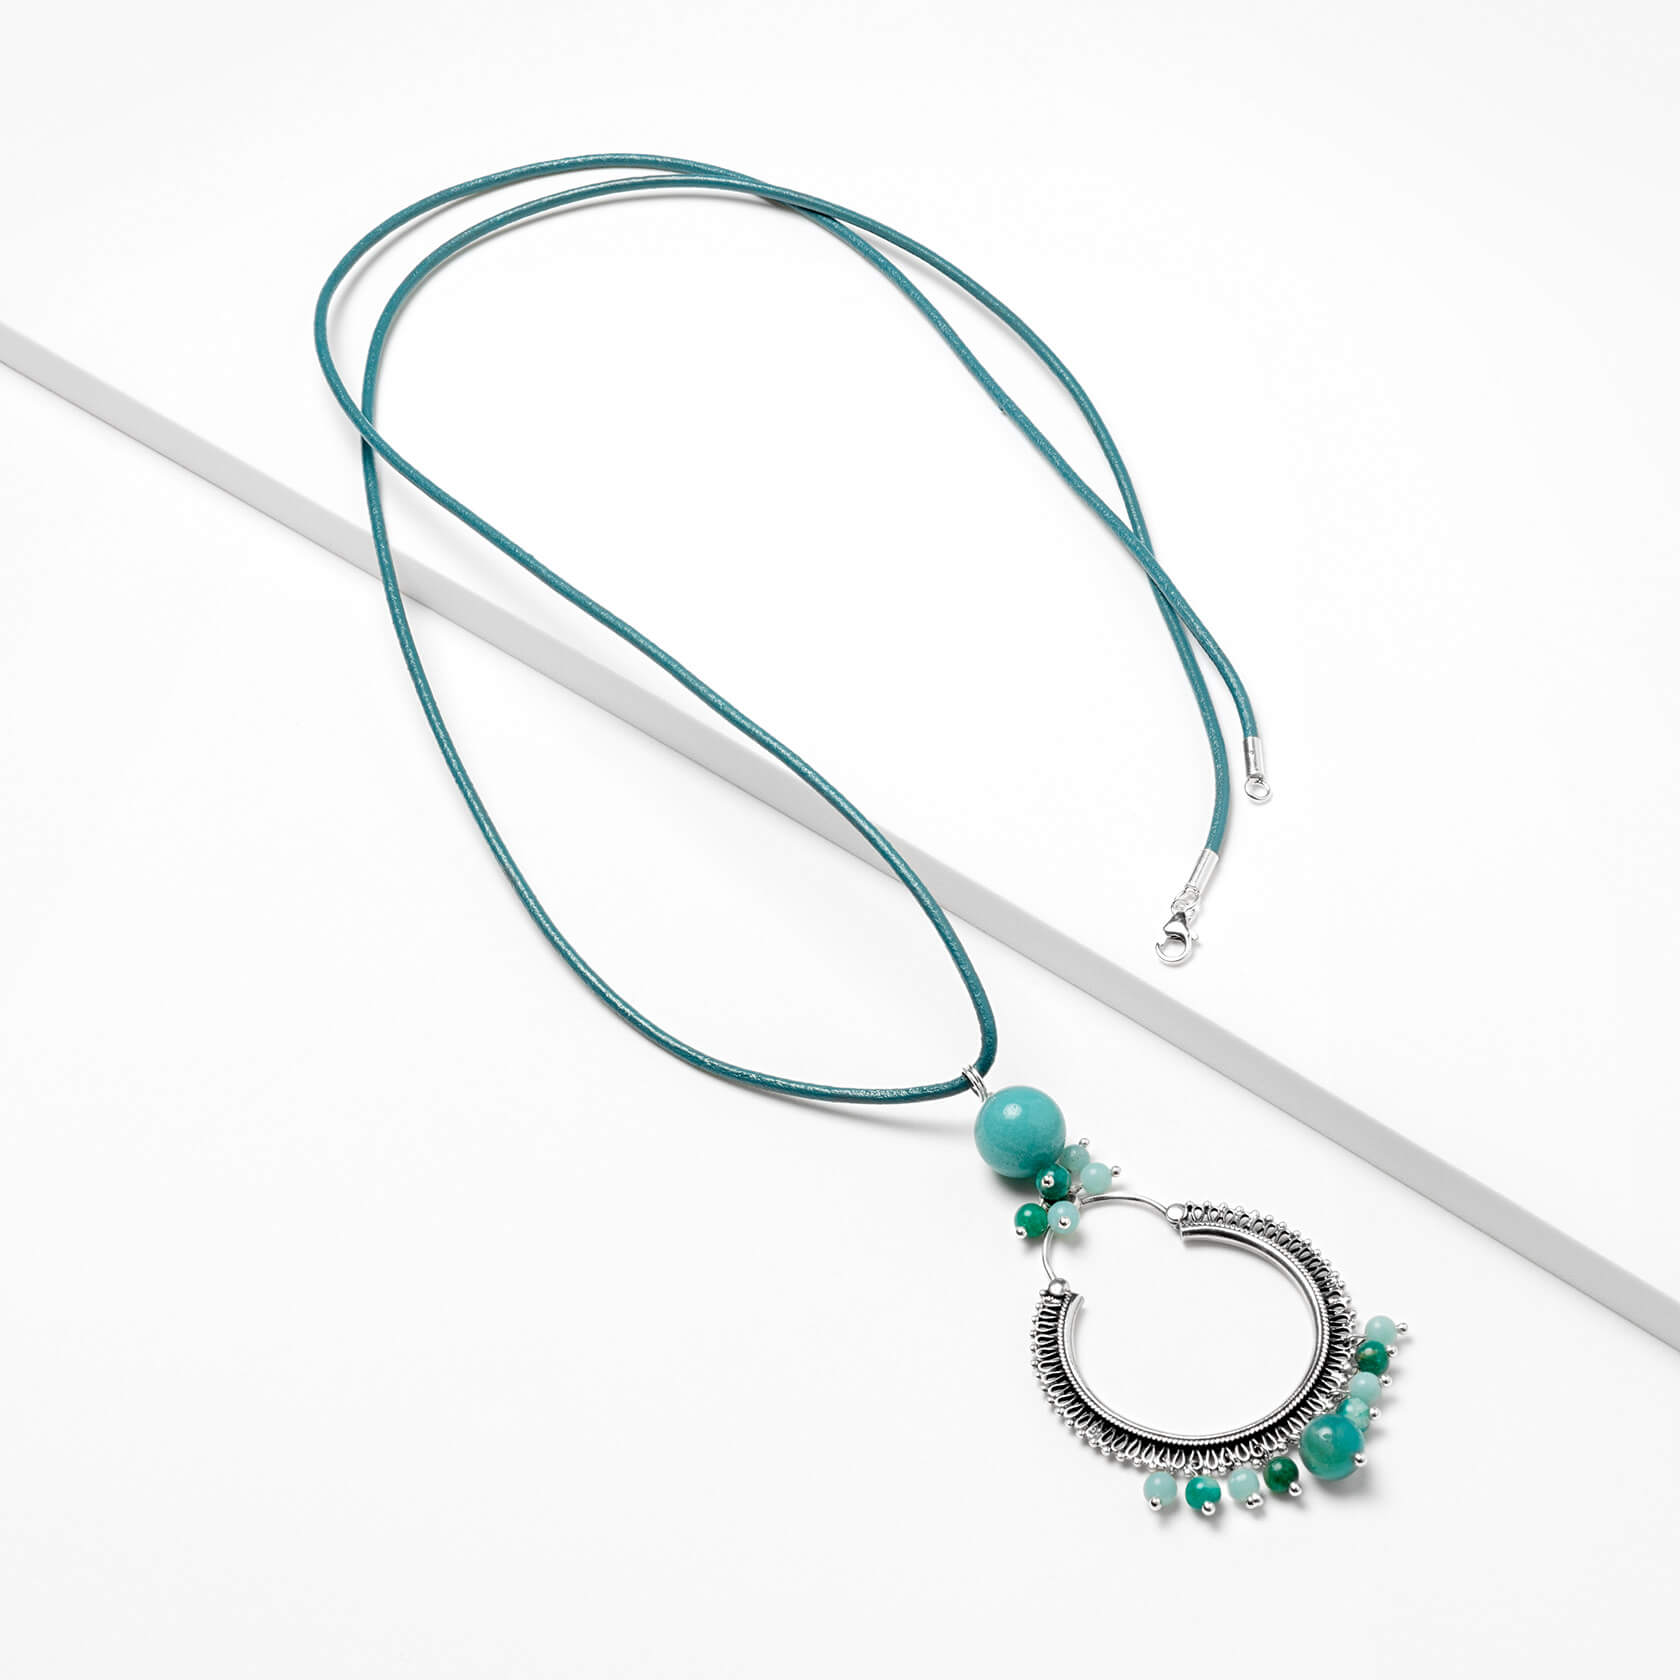 Amazonite long necklace with leather marybola